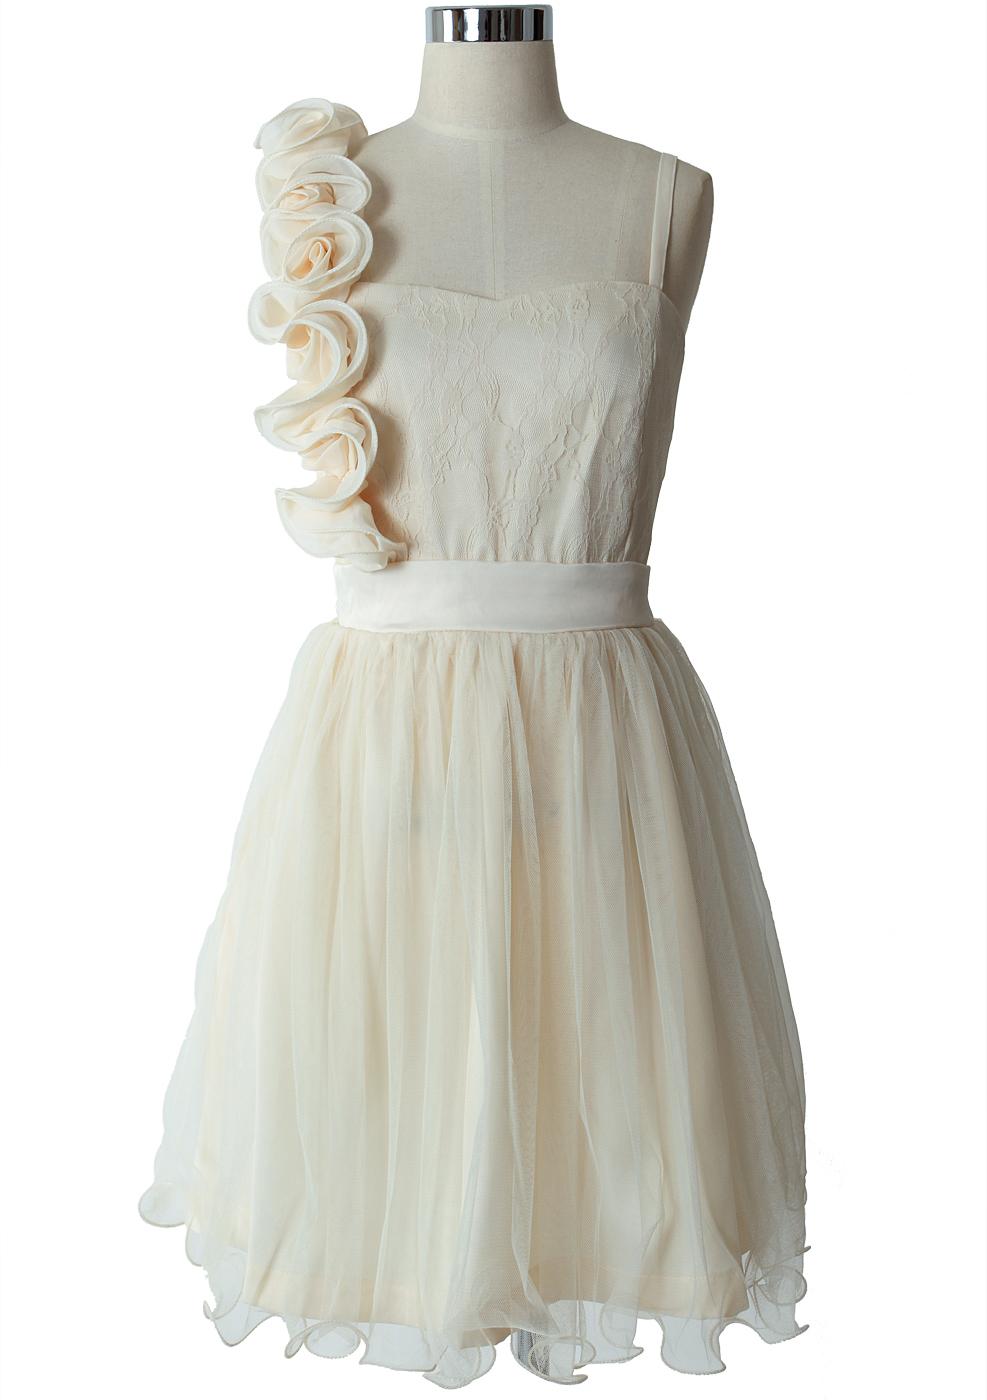 3D Flower Fluted Hemline Tulle Dress in Ivory